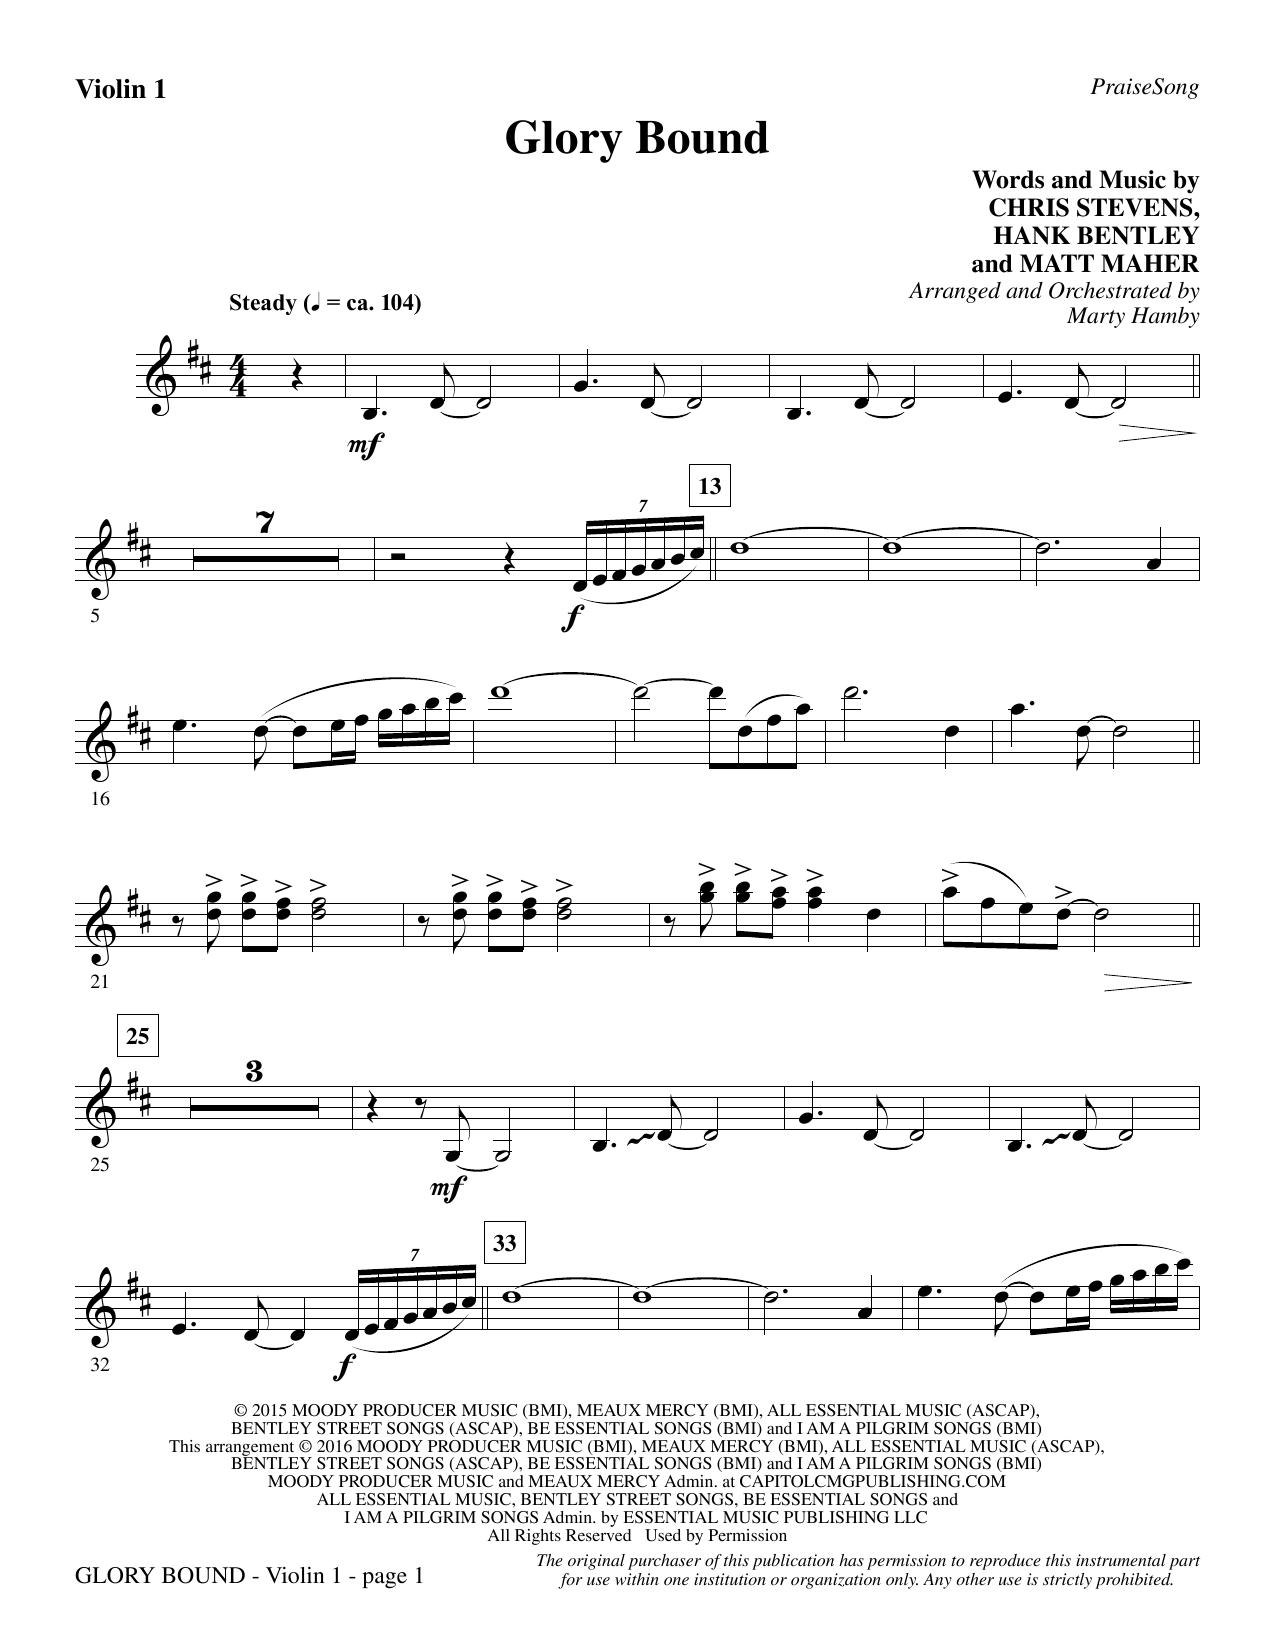 Glory Bound - Violin 1